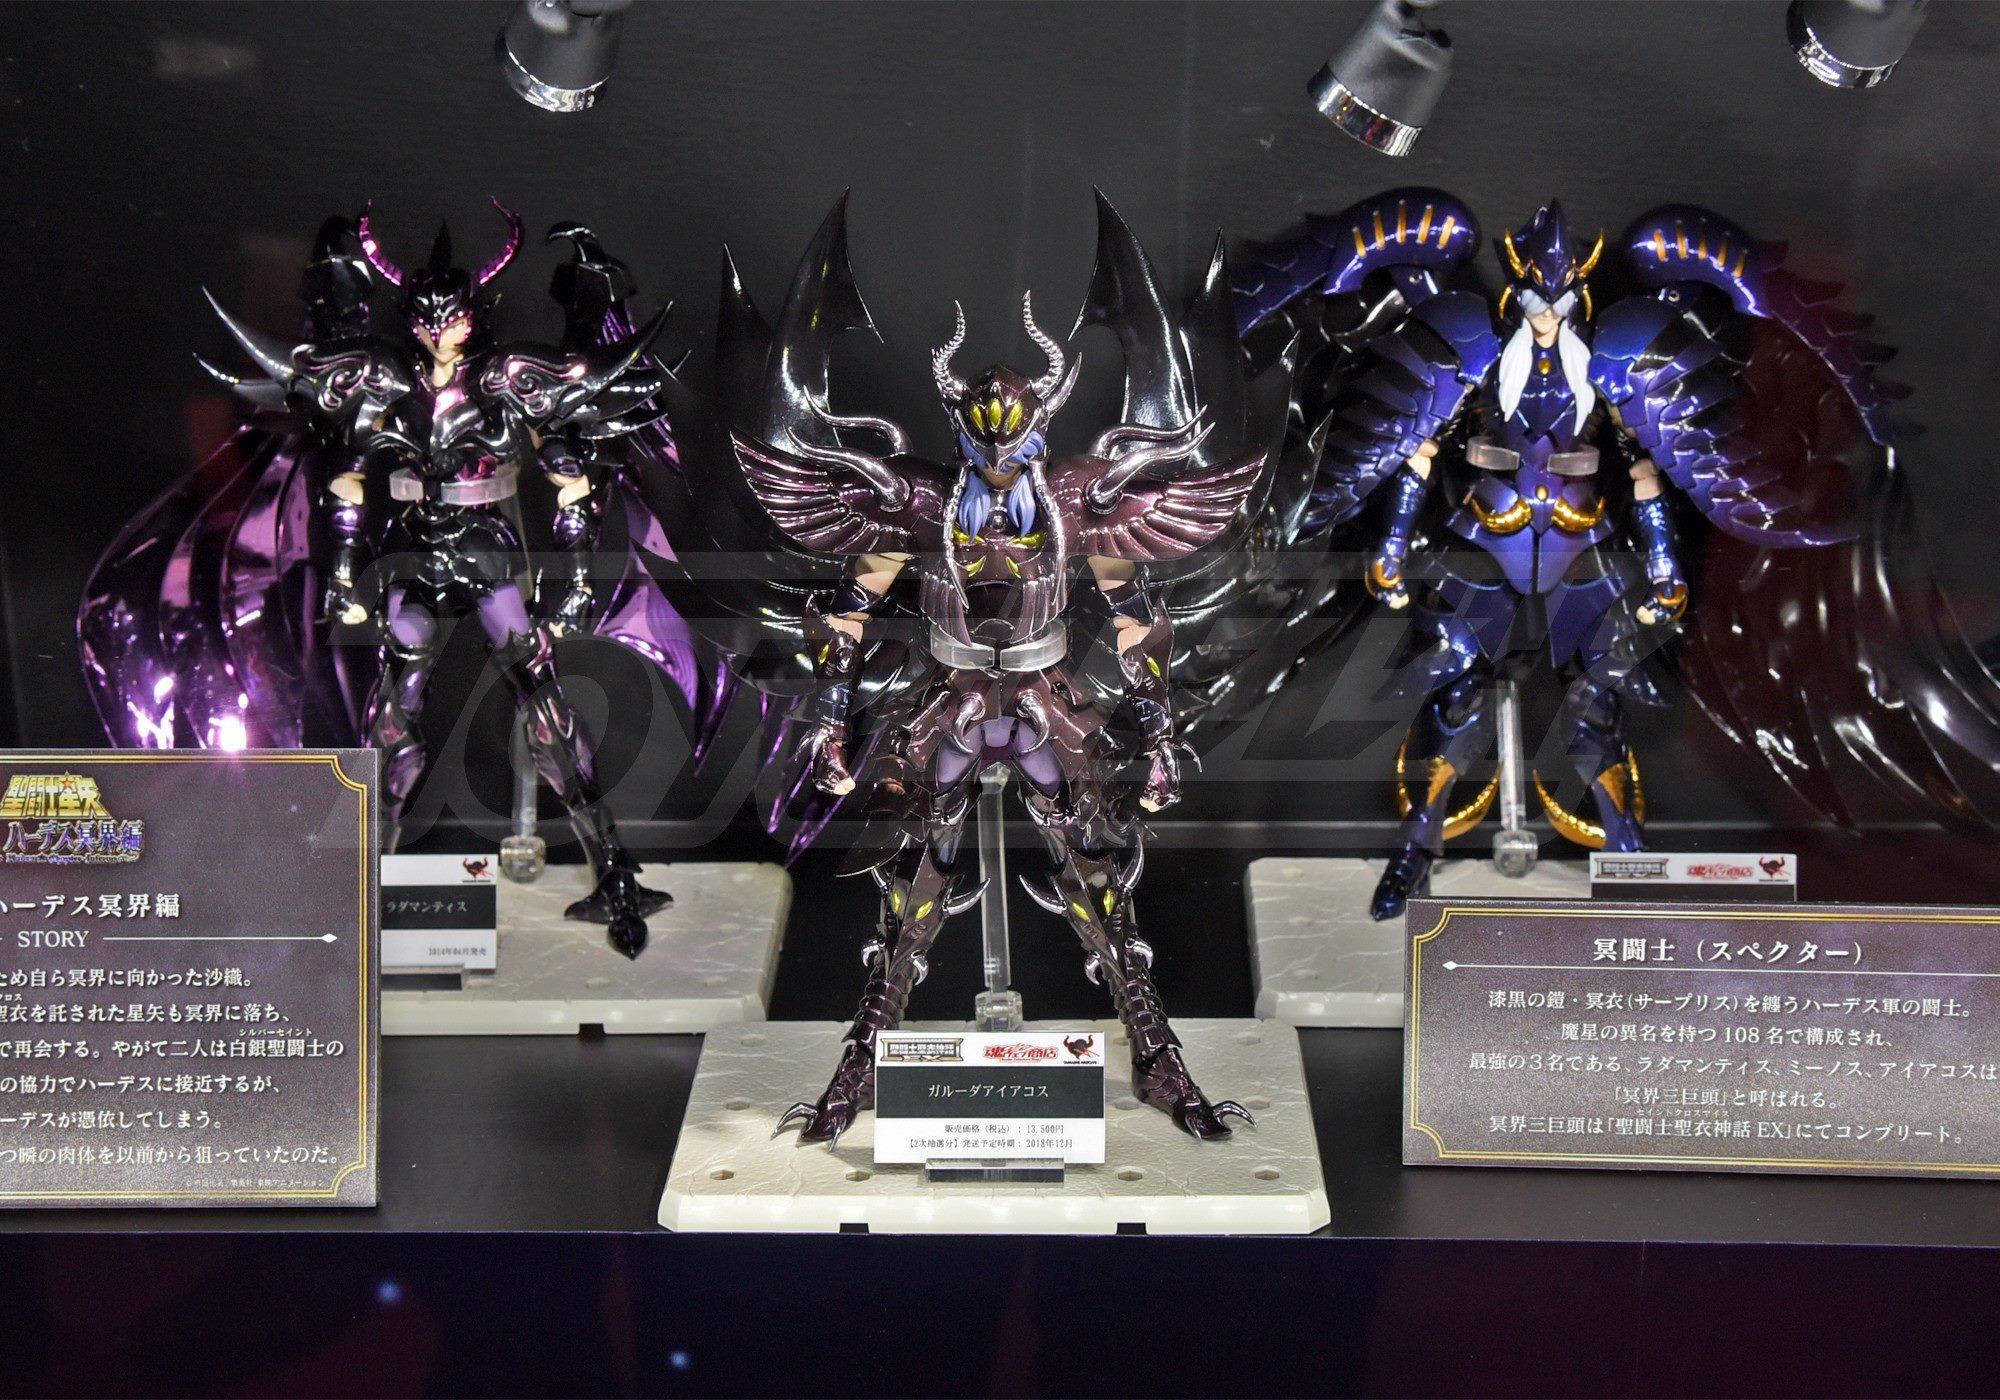 [Comentários] International Tokyo Toy Show 2018 FCJ5uNA0_o